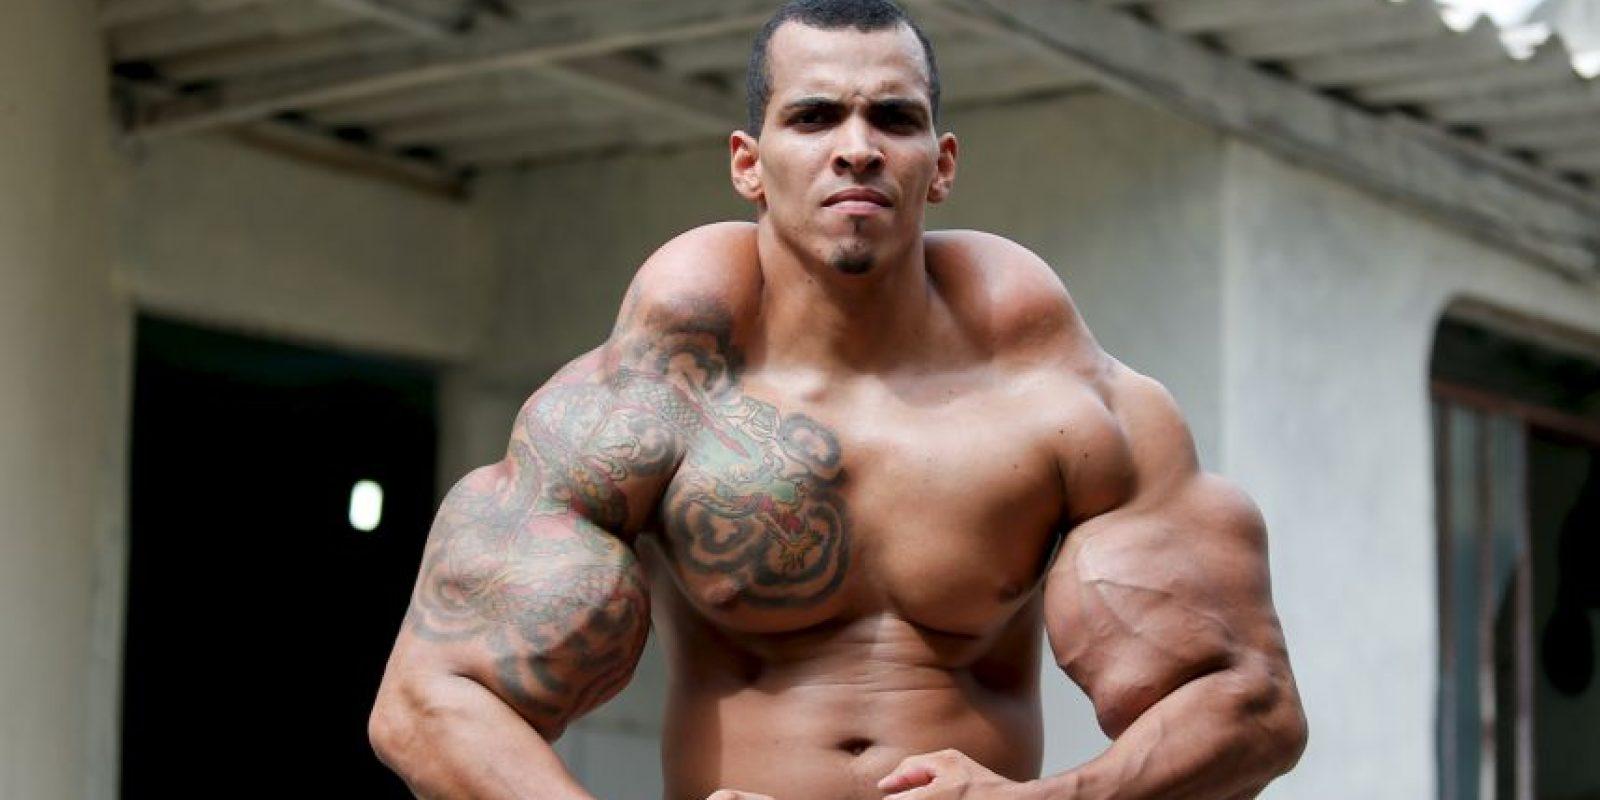 """Romario Dos Santos Alves, de 25 años, comenzó a obsesionarse con tener sus brazos y su musculatura como la del """"Increíble Hulk"""". Foto:vía BarcroftMedia/OtherImages"""